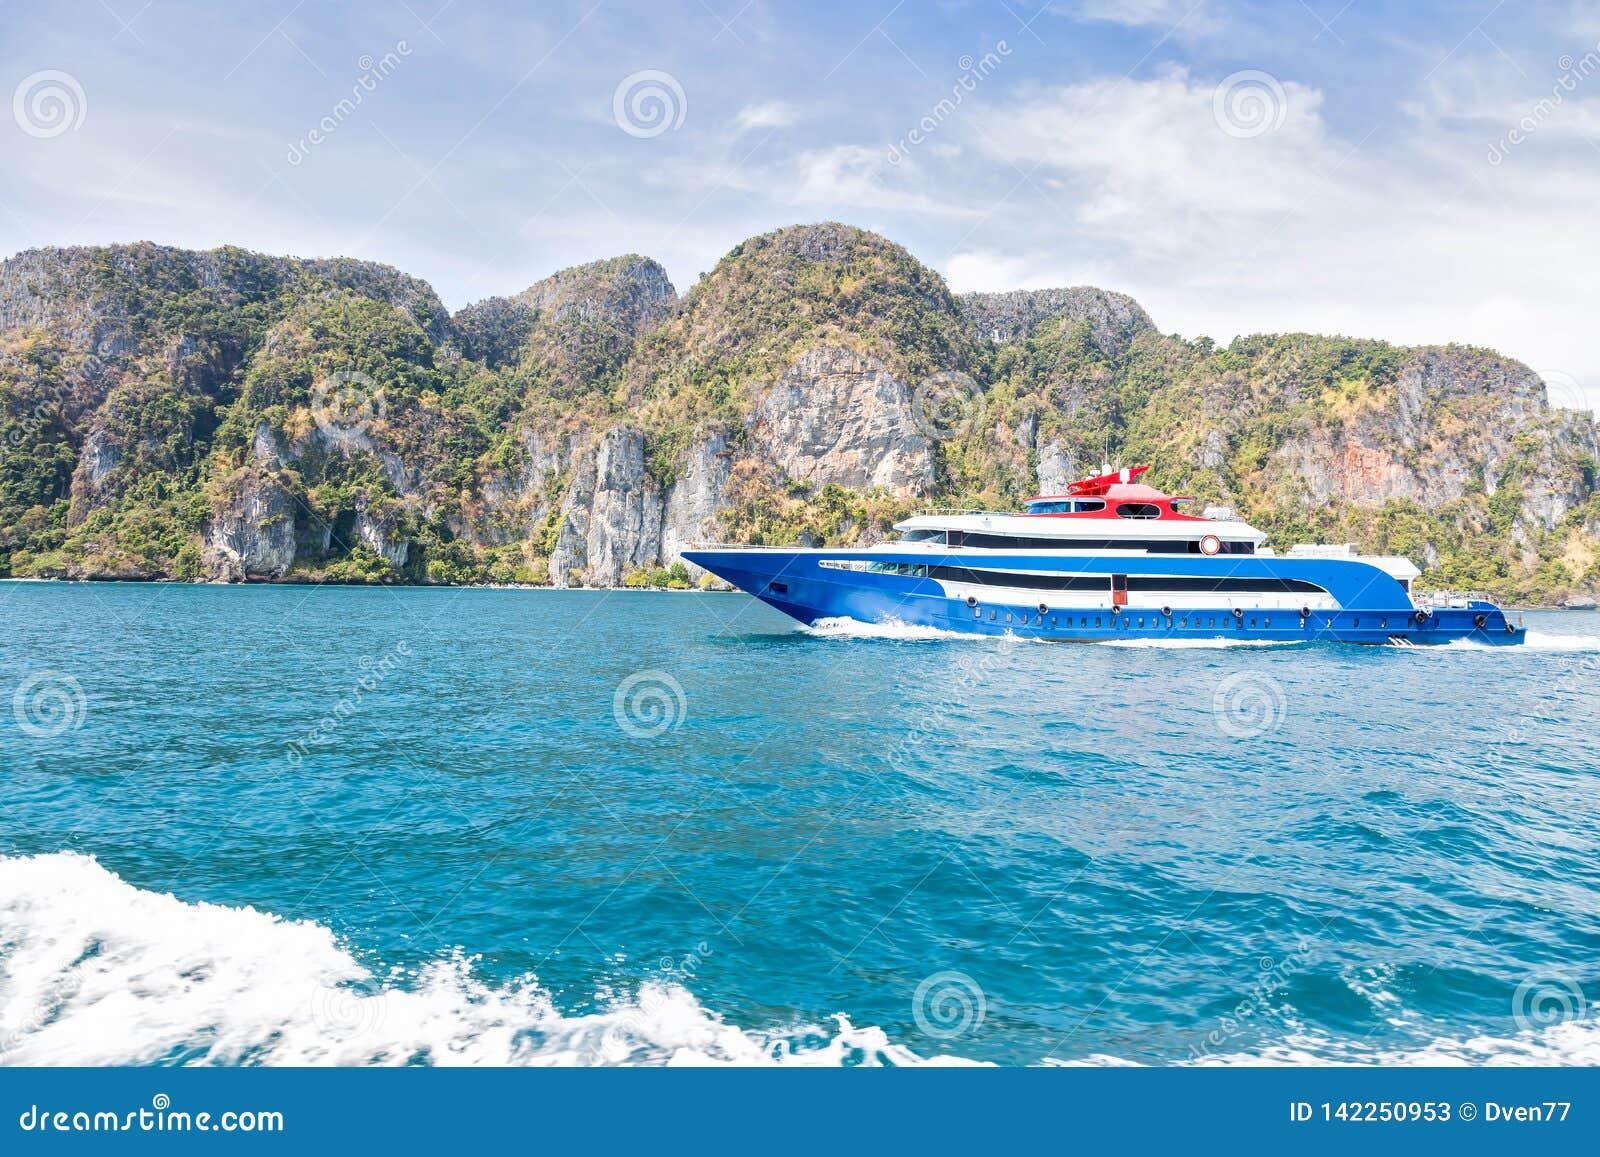 Blauw met witte en rode de snelheidsboot van het accentengenoegen Het varen op het overzees tegen een tropisch bergeiland Zachte